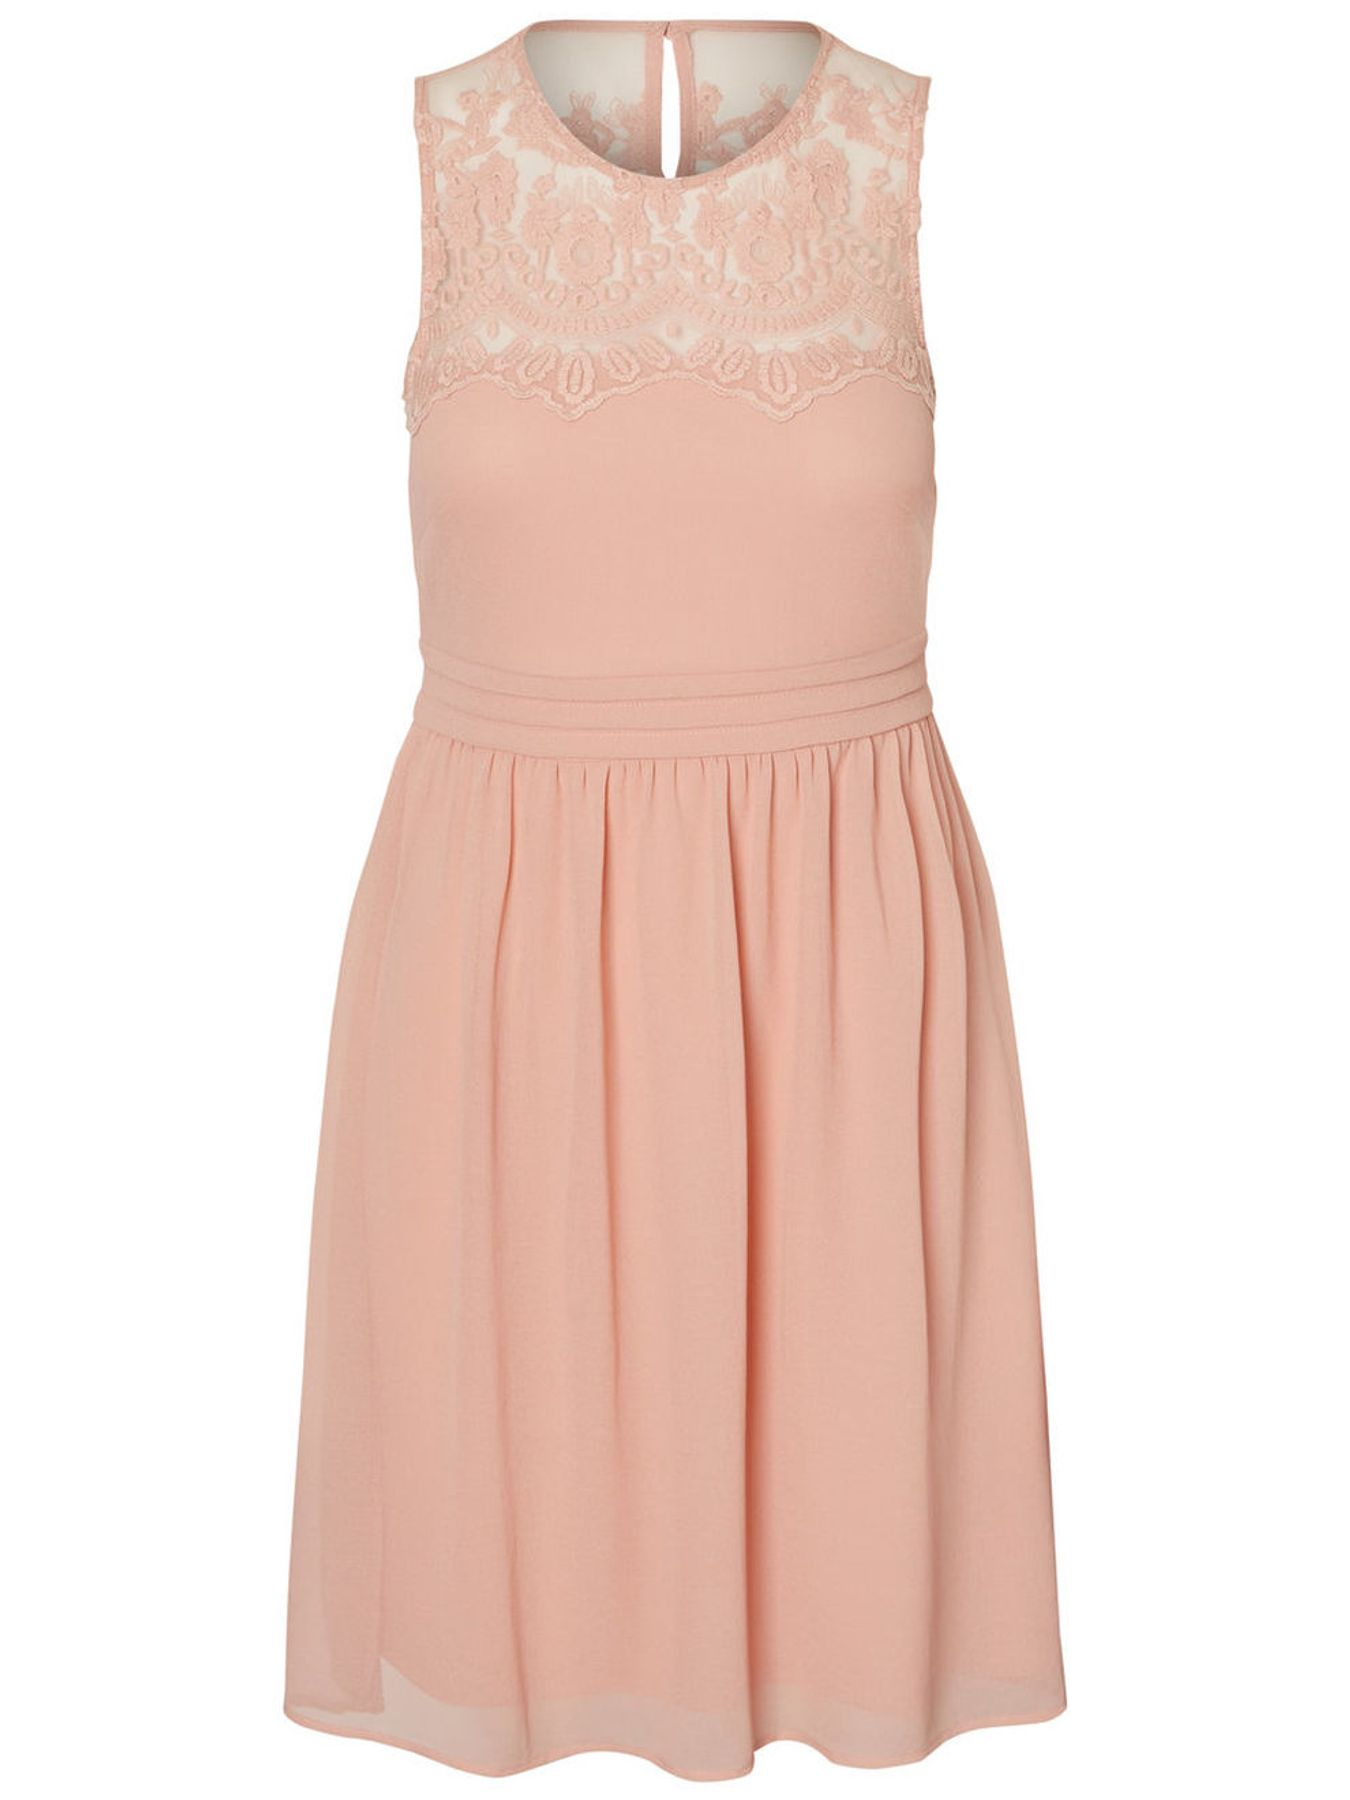 VERO MODA - Damen Spitzen Kleid ohne Ärmel in rose oder blau (10193196) – Bild 1